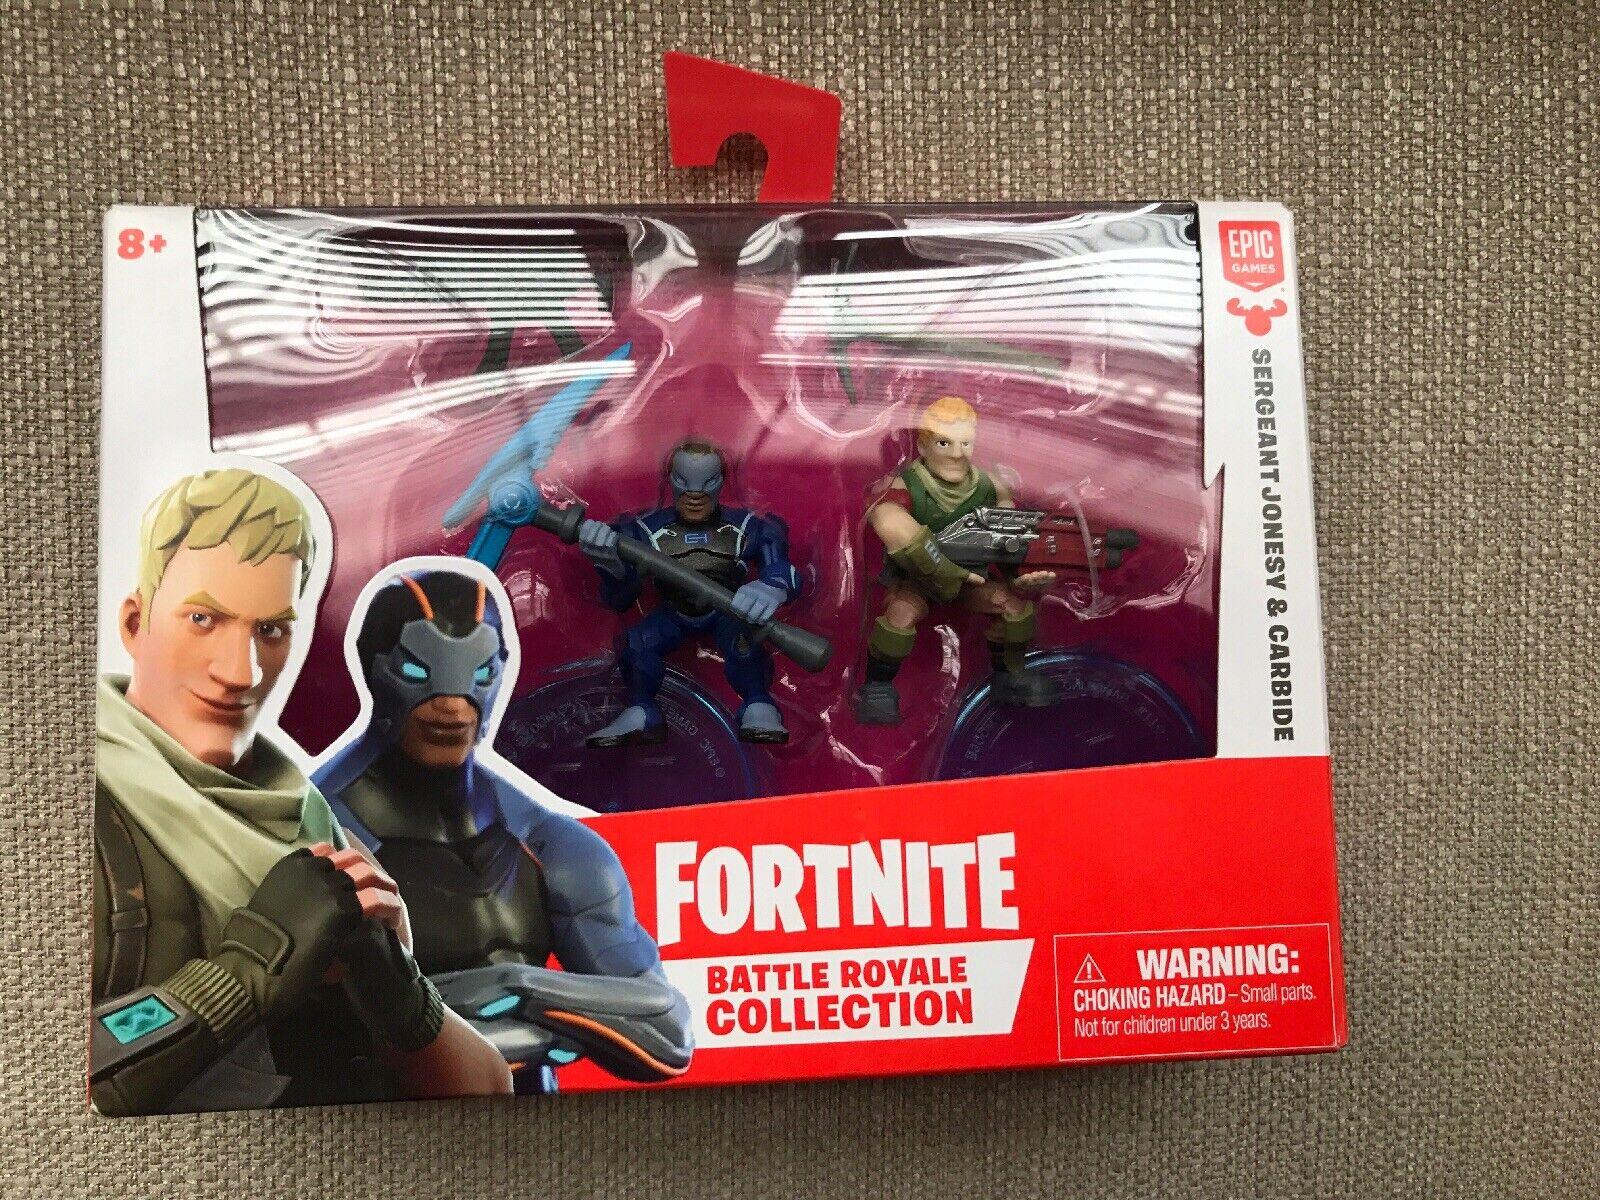 Fortnite azione cifras Sergeant  Jonesy e autobide Figurines nuovo Collectible  con il 100% di qualità e il 100% di servizio